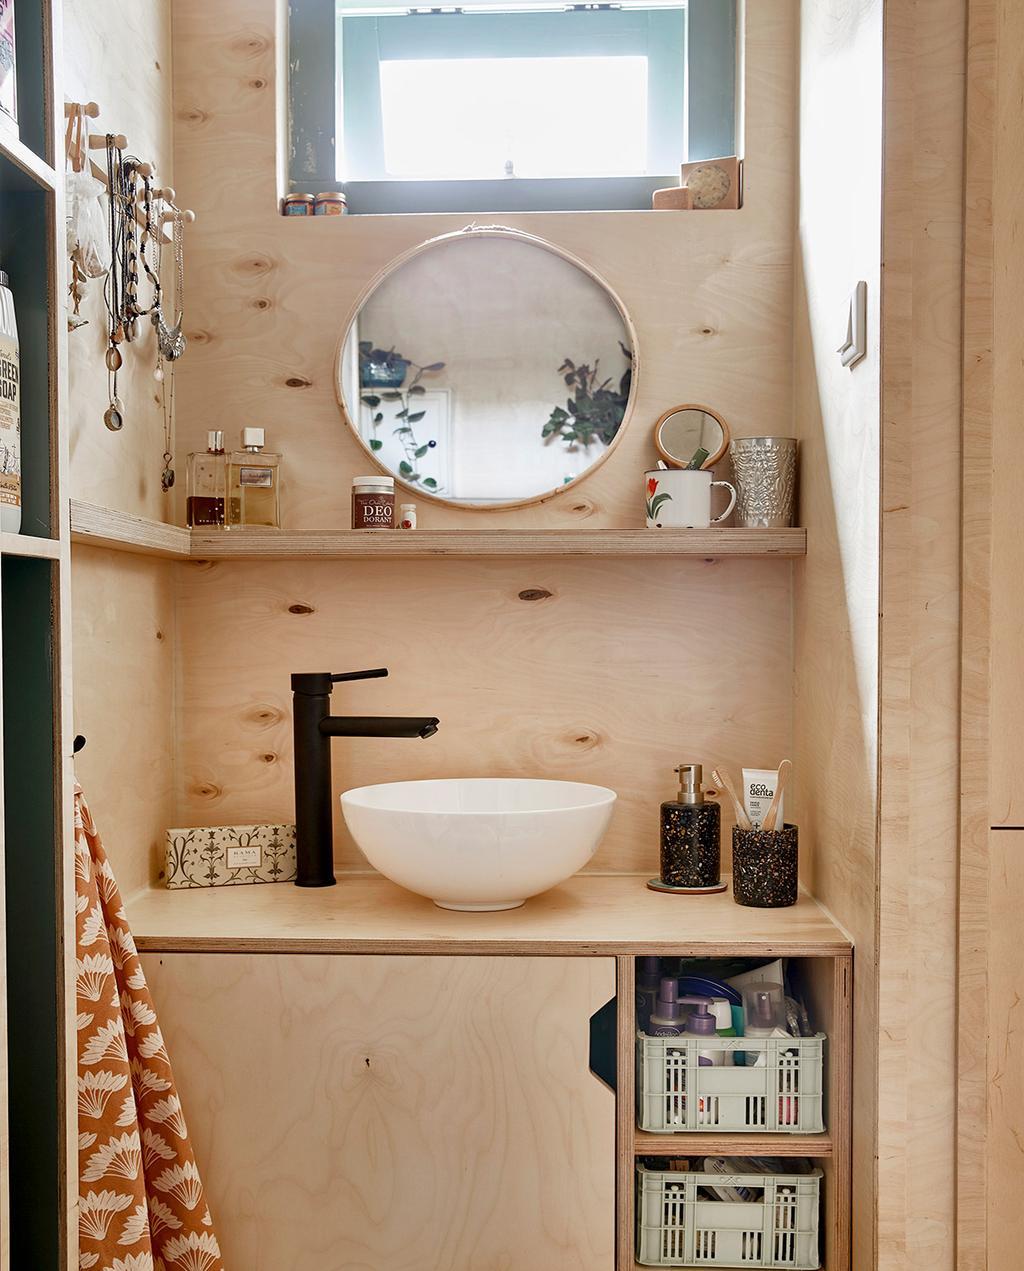 vtwonen binnenkijken special tiny houses | zwarte kraan in houten keuken met ronde spiegel